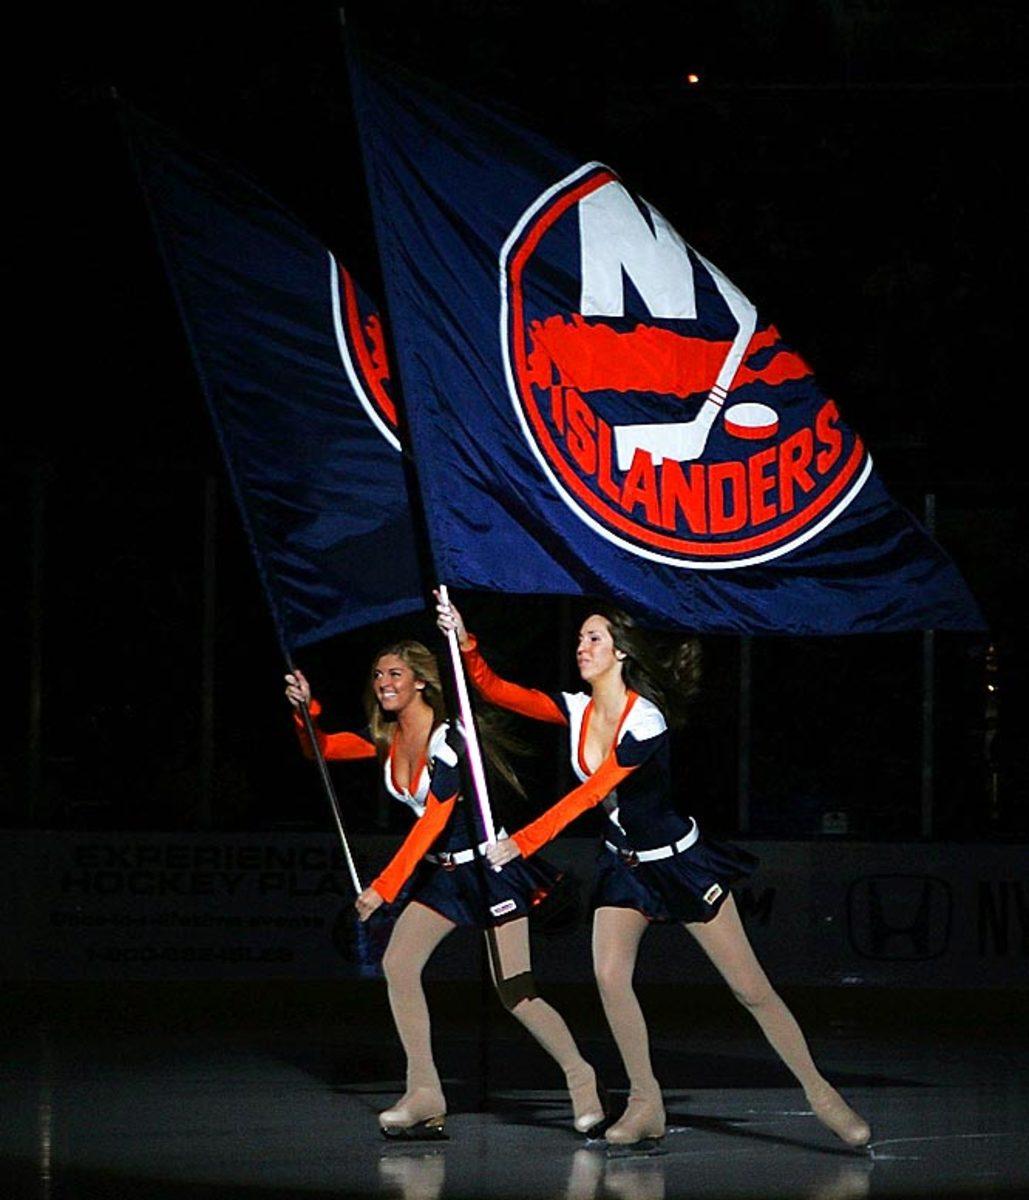 islanders-ice-girls%2803%29.jpg